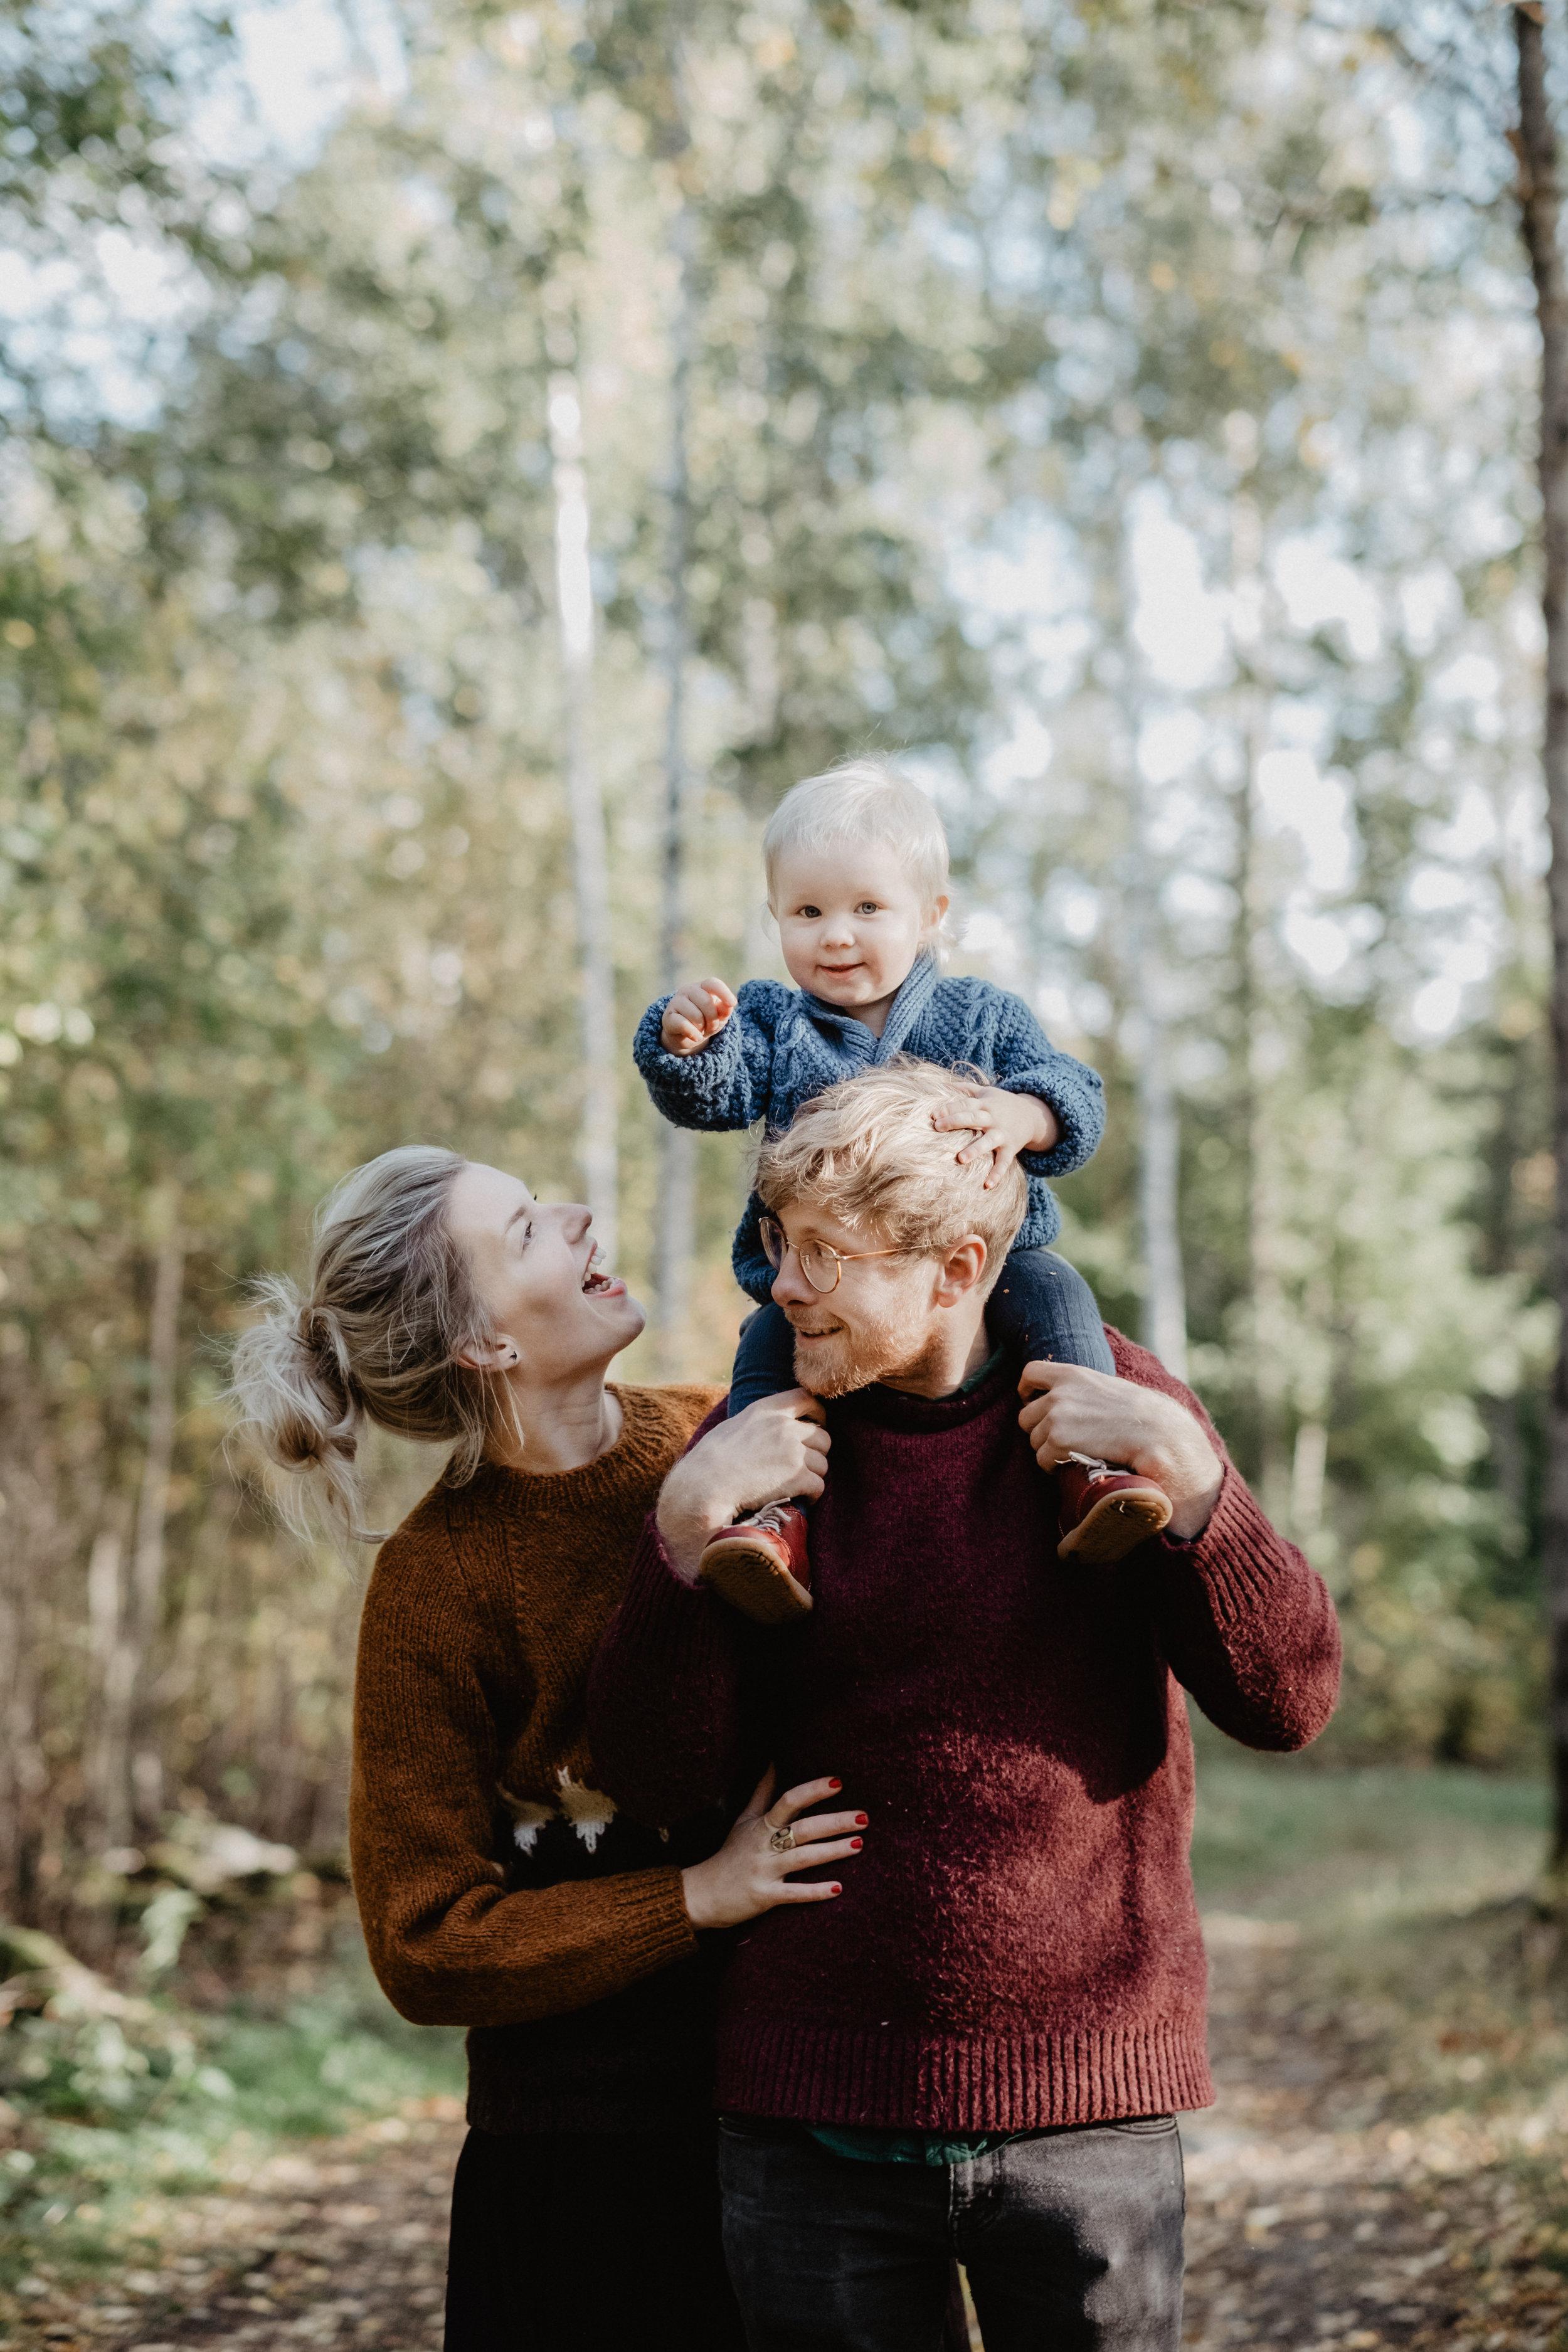 fotograf umeå matildas tillvaro familjefotografering-24639.jpg